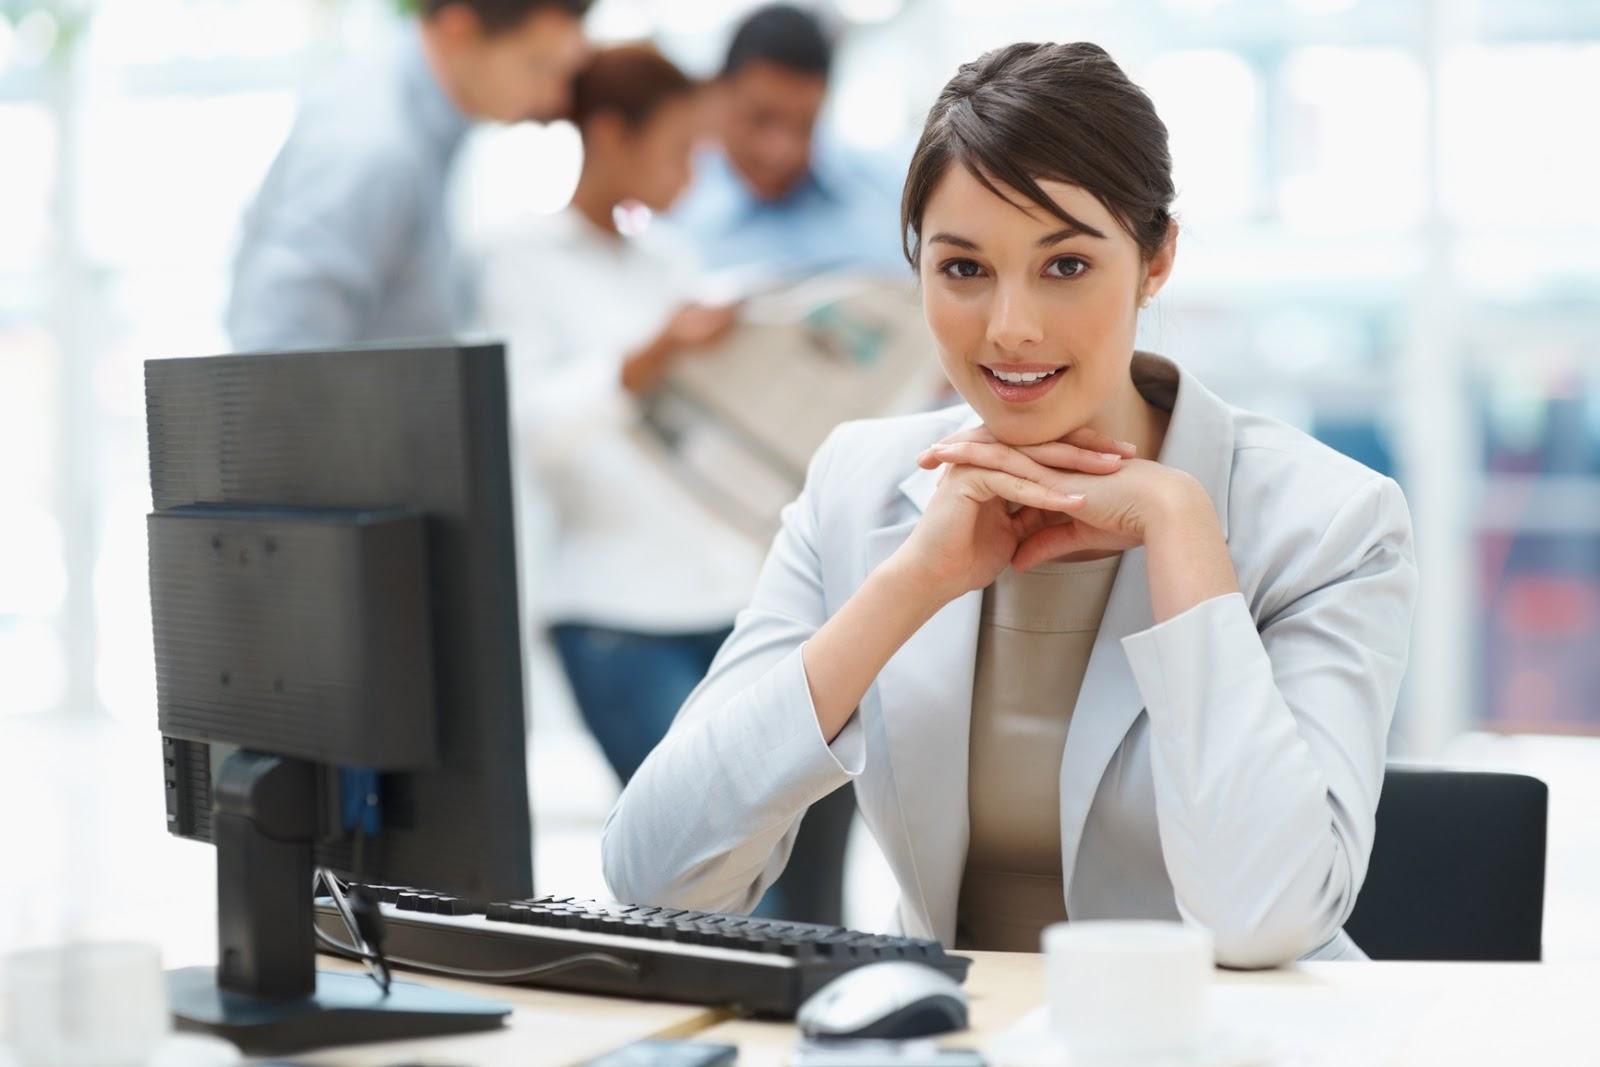 alasan, tertarik, membuat, blog, bisnis, online, hobi, uang, penghasilan, manfaat, popularitas